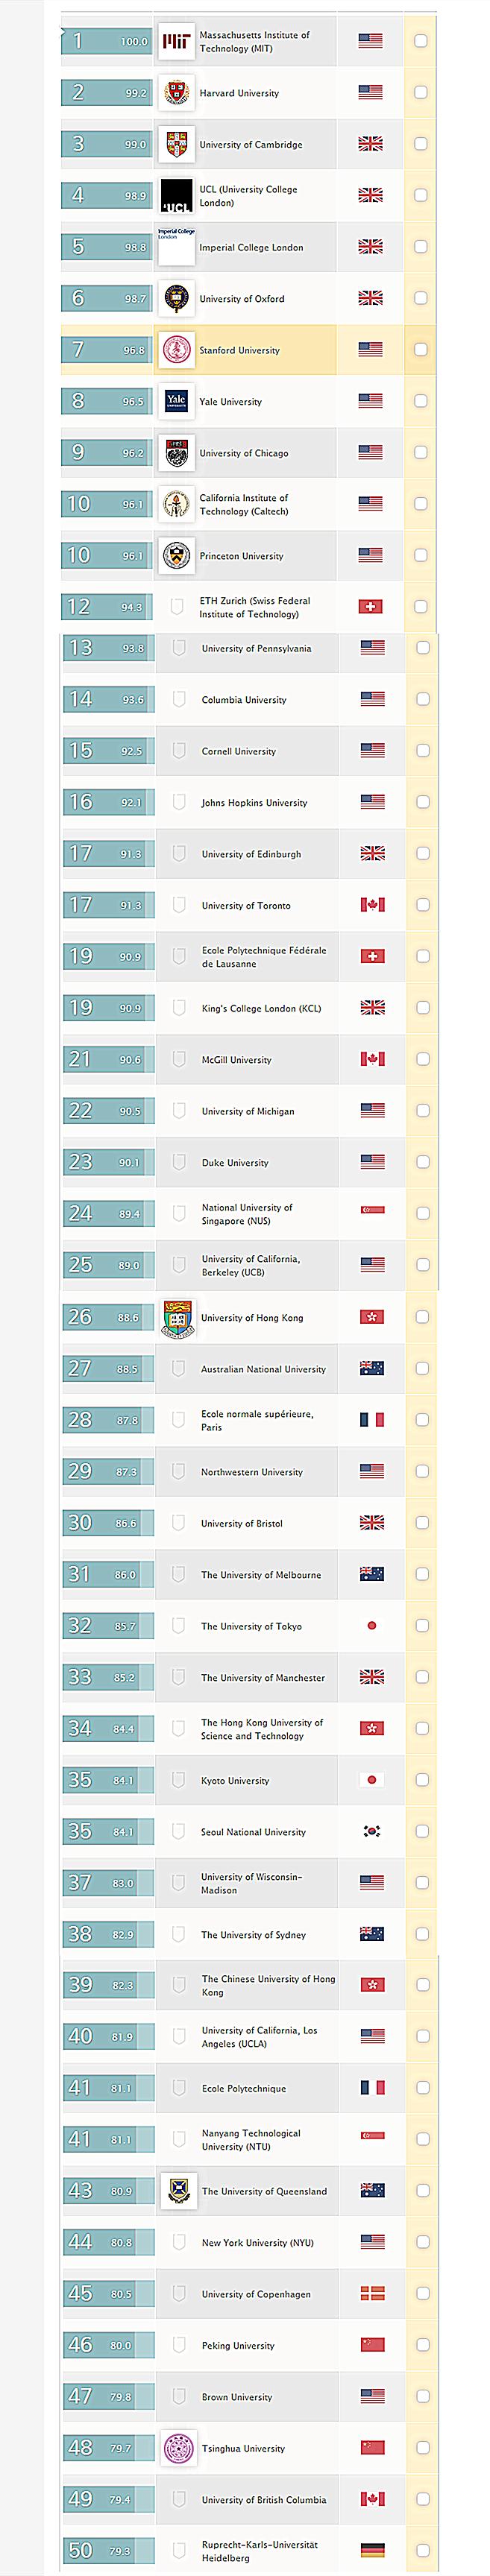 最新世界大学排名TOP50